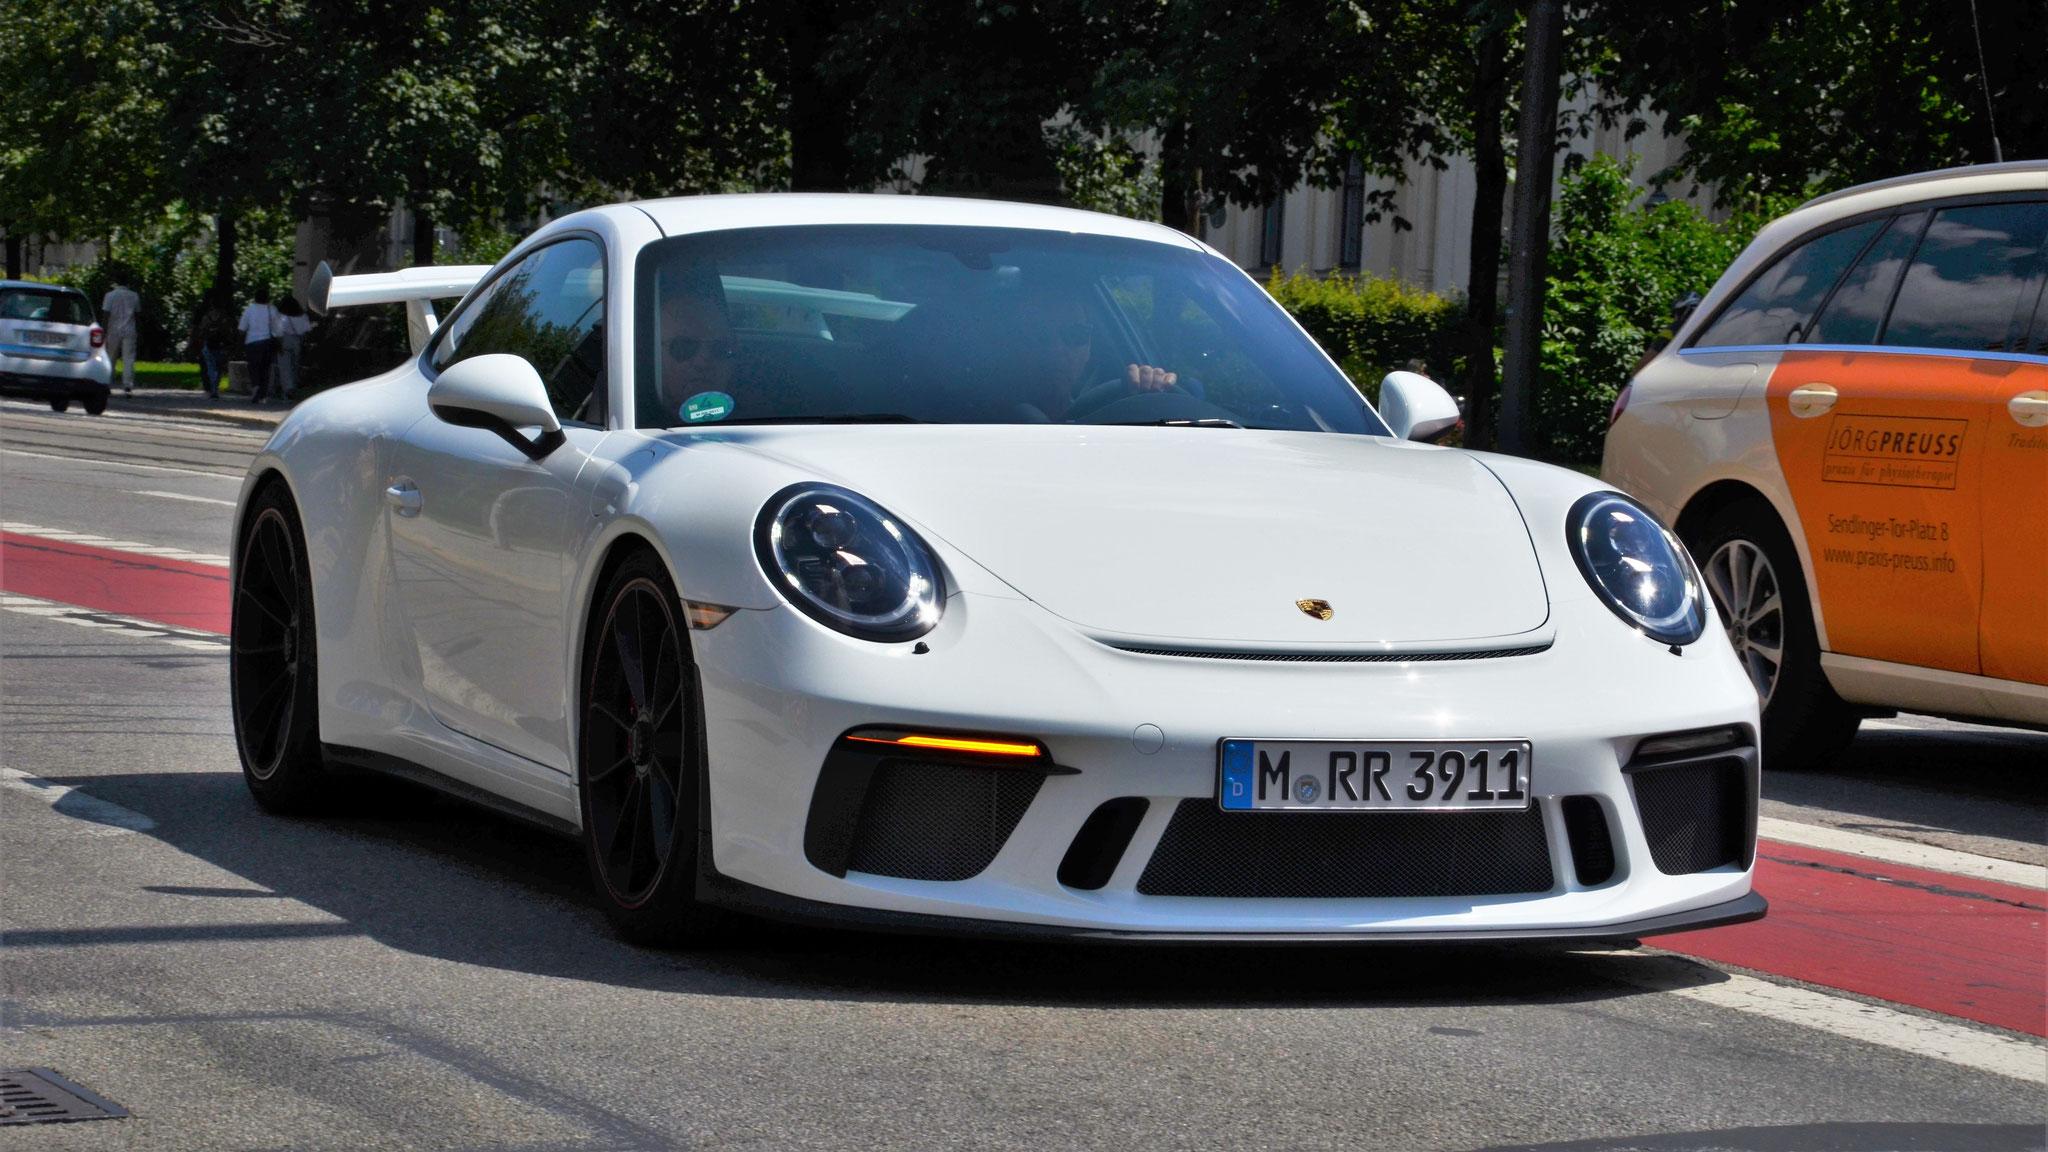 Porsche 991 GT3 - M-RR-3911